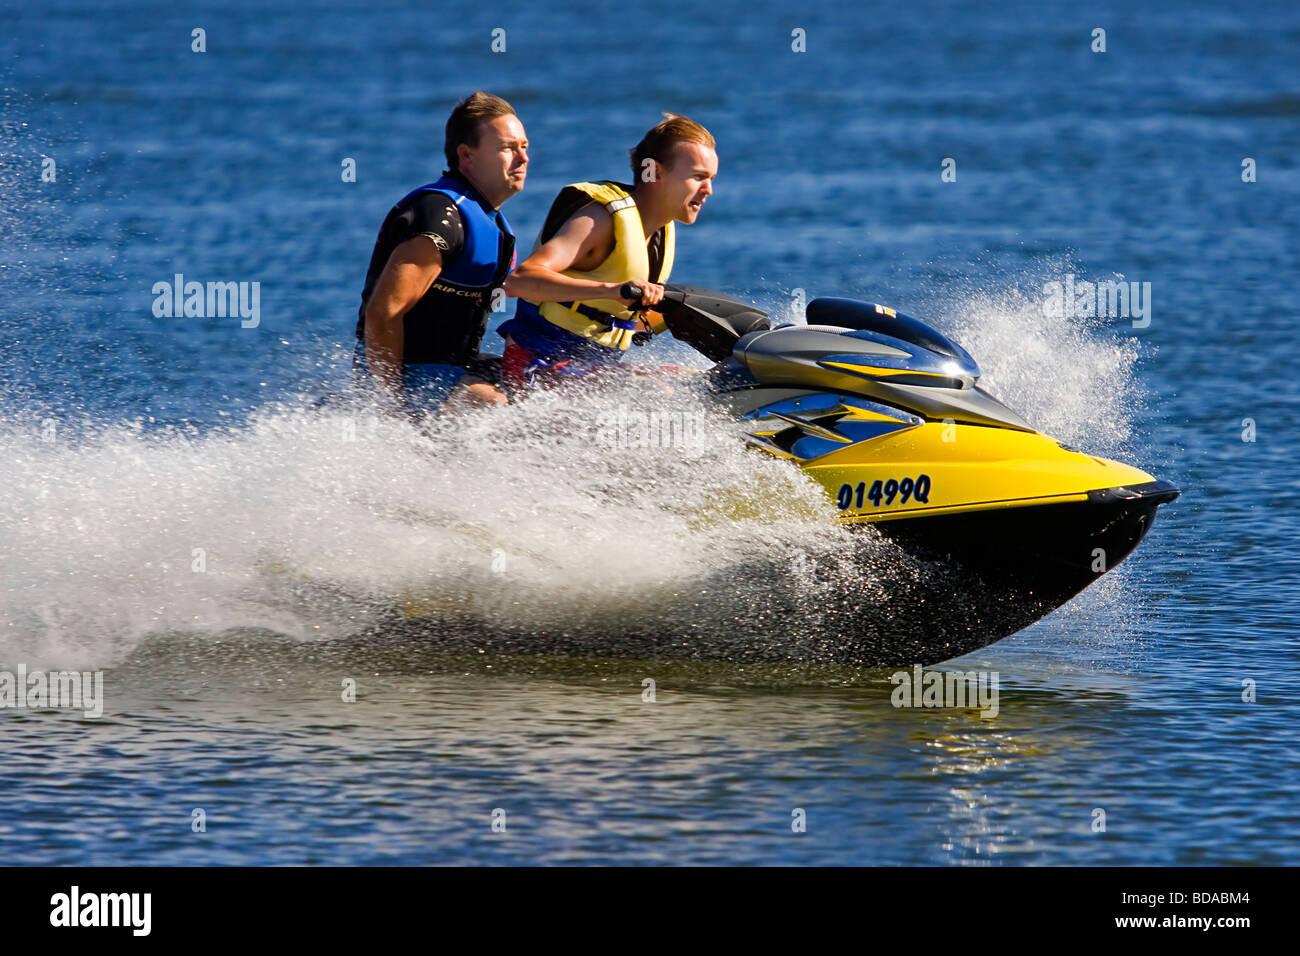 Jetski riders riding leisure sport activity water - Stock Image